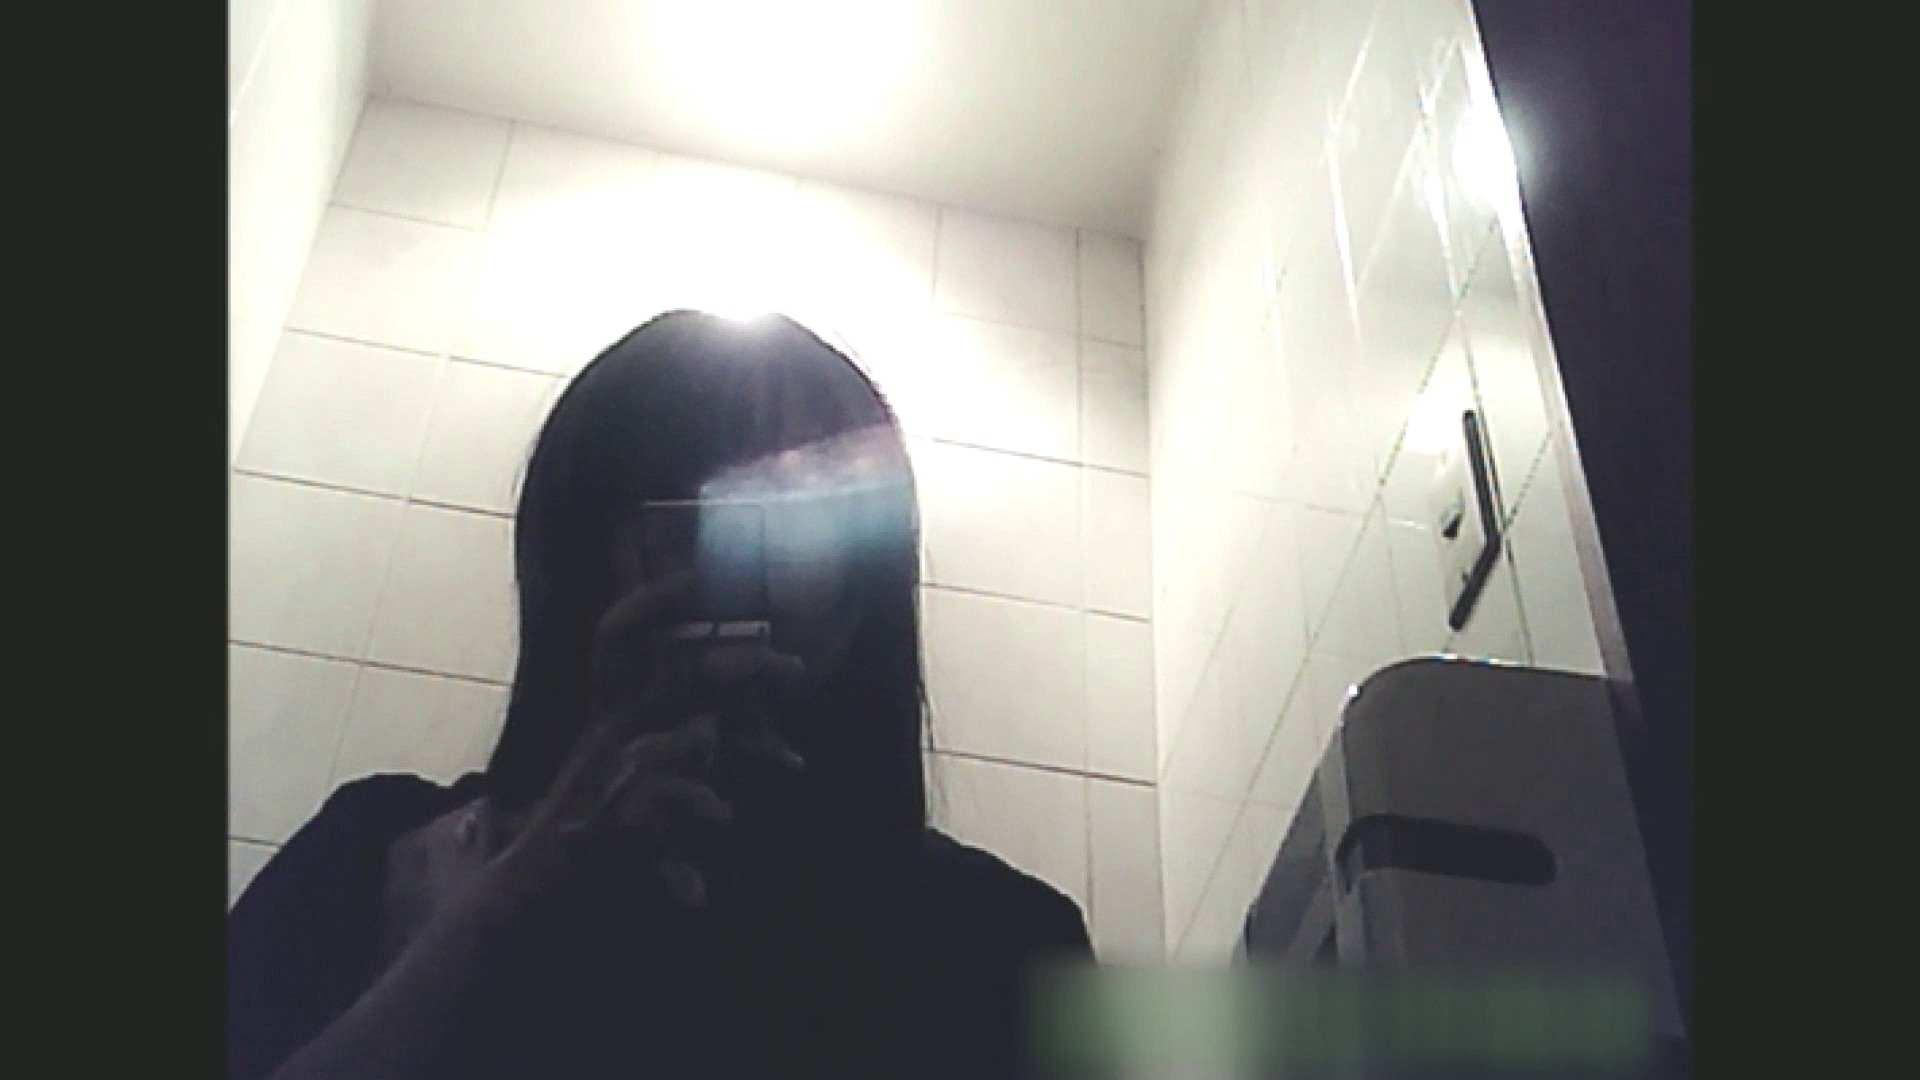 実録!!綺麗なお姉さんのトイレ事情・・・。vol.4 トイレ 盗撮AV動画キャプチャ 67画像 4